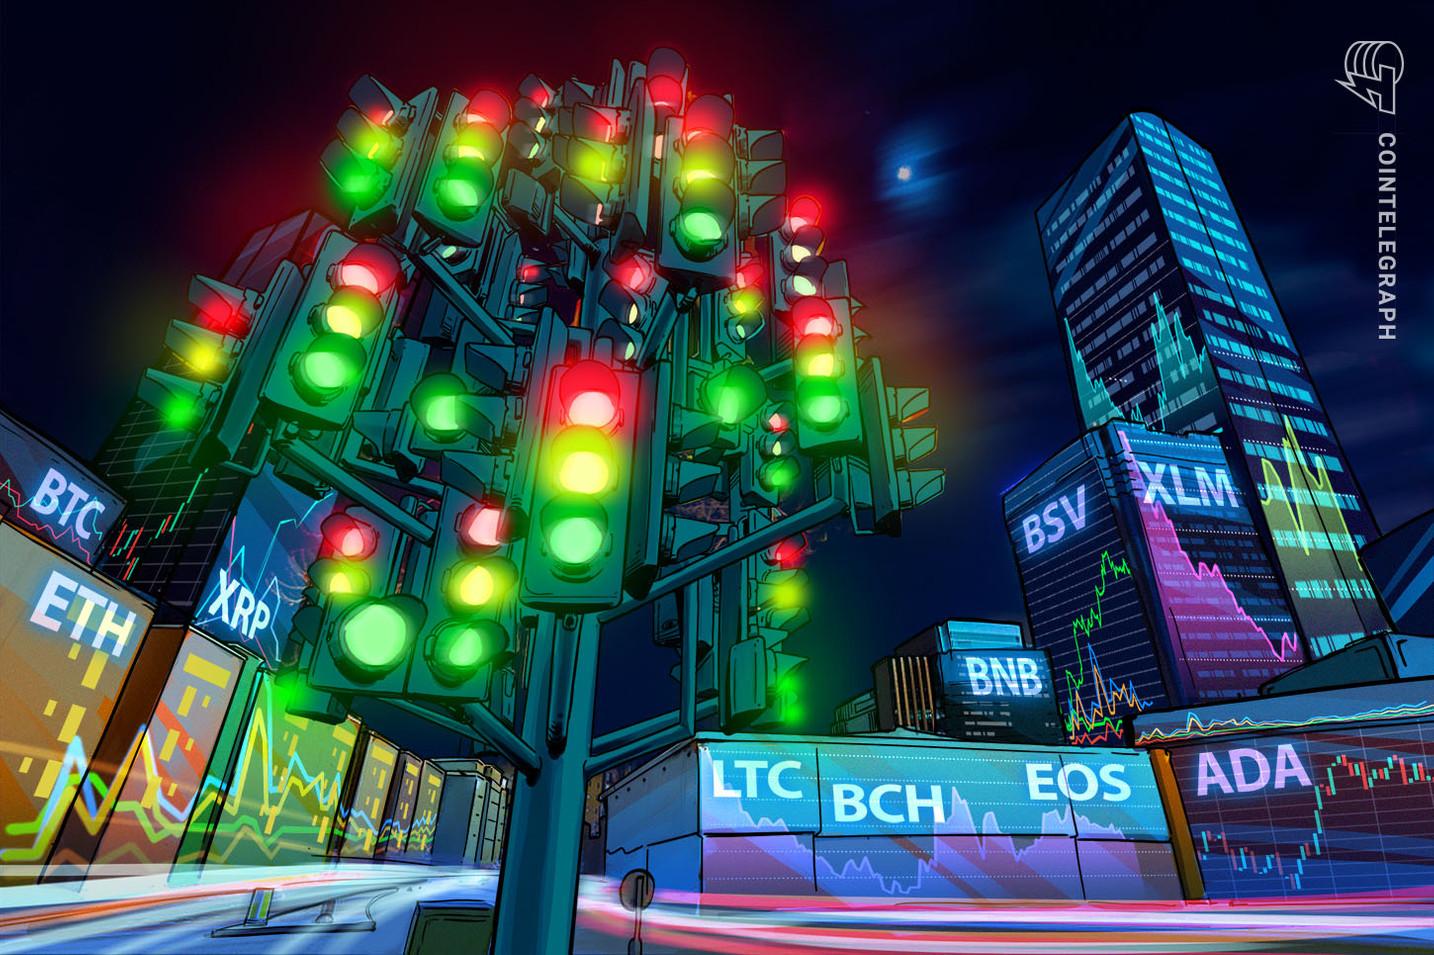 Análise de Preço 30/07: BTC, ETH, XRP, LTC, BCH, BNB, EOS, BSV, XLM, ADA